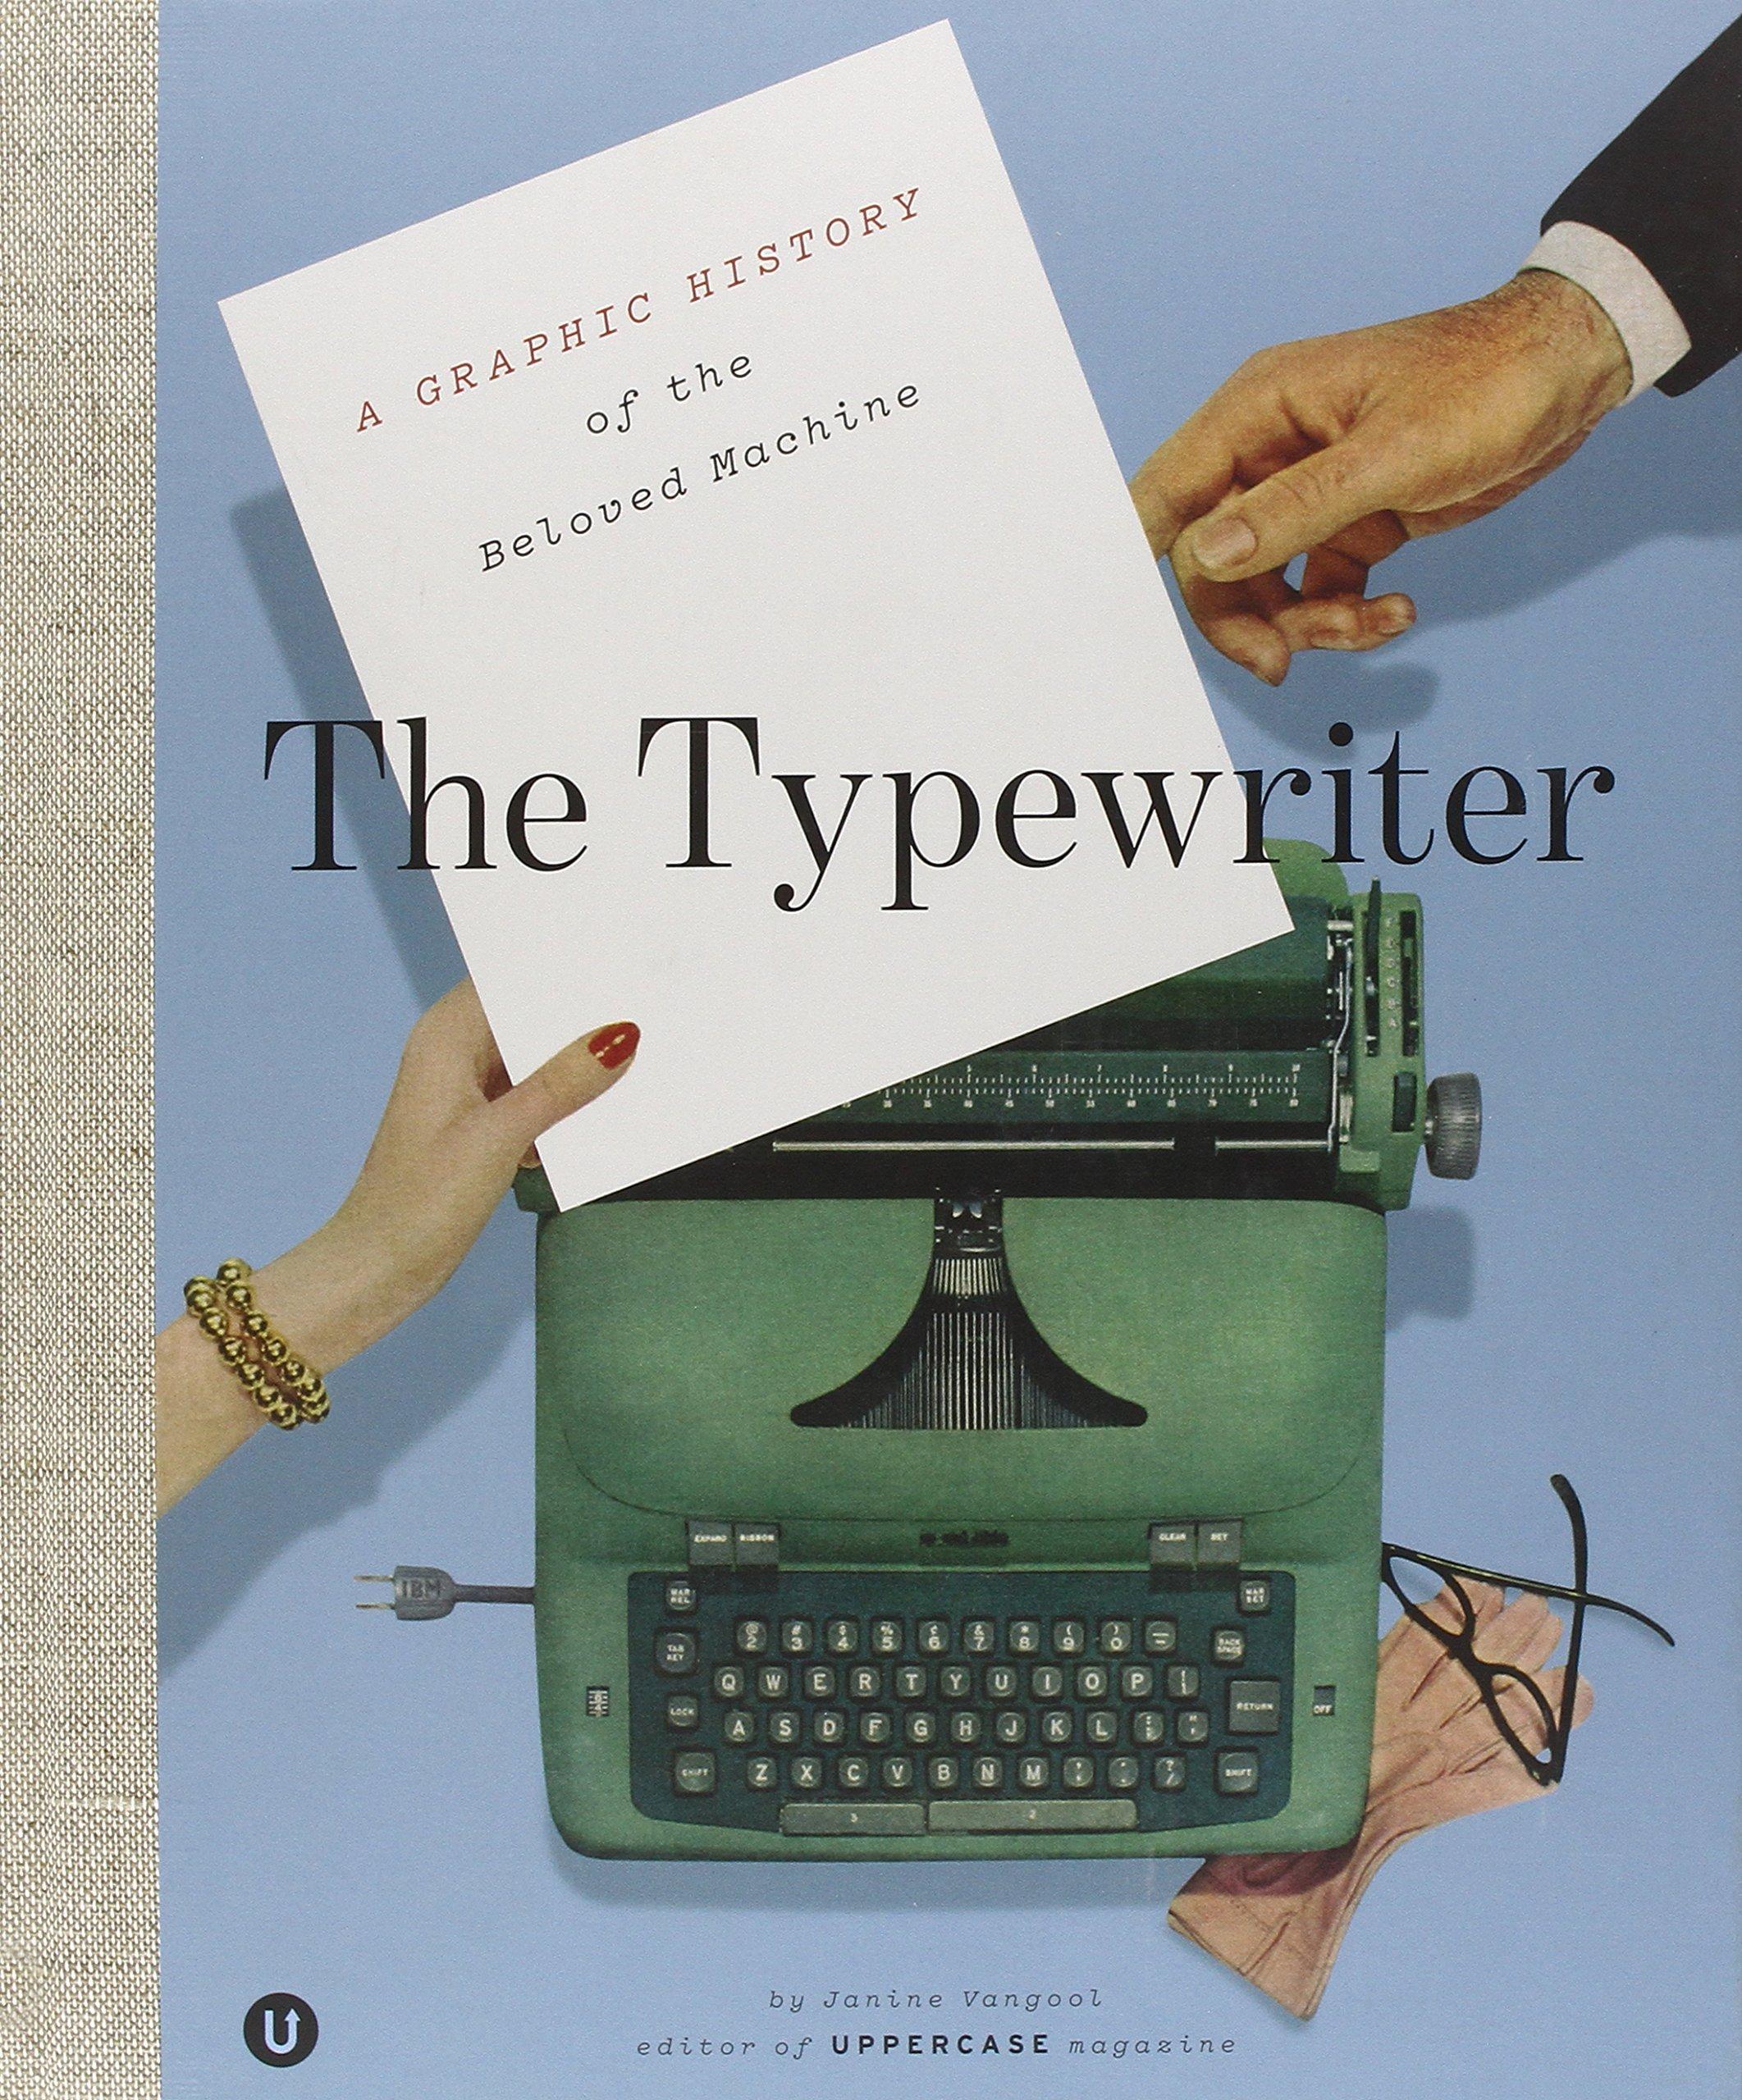 Typewriter book